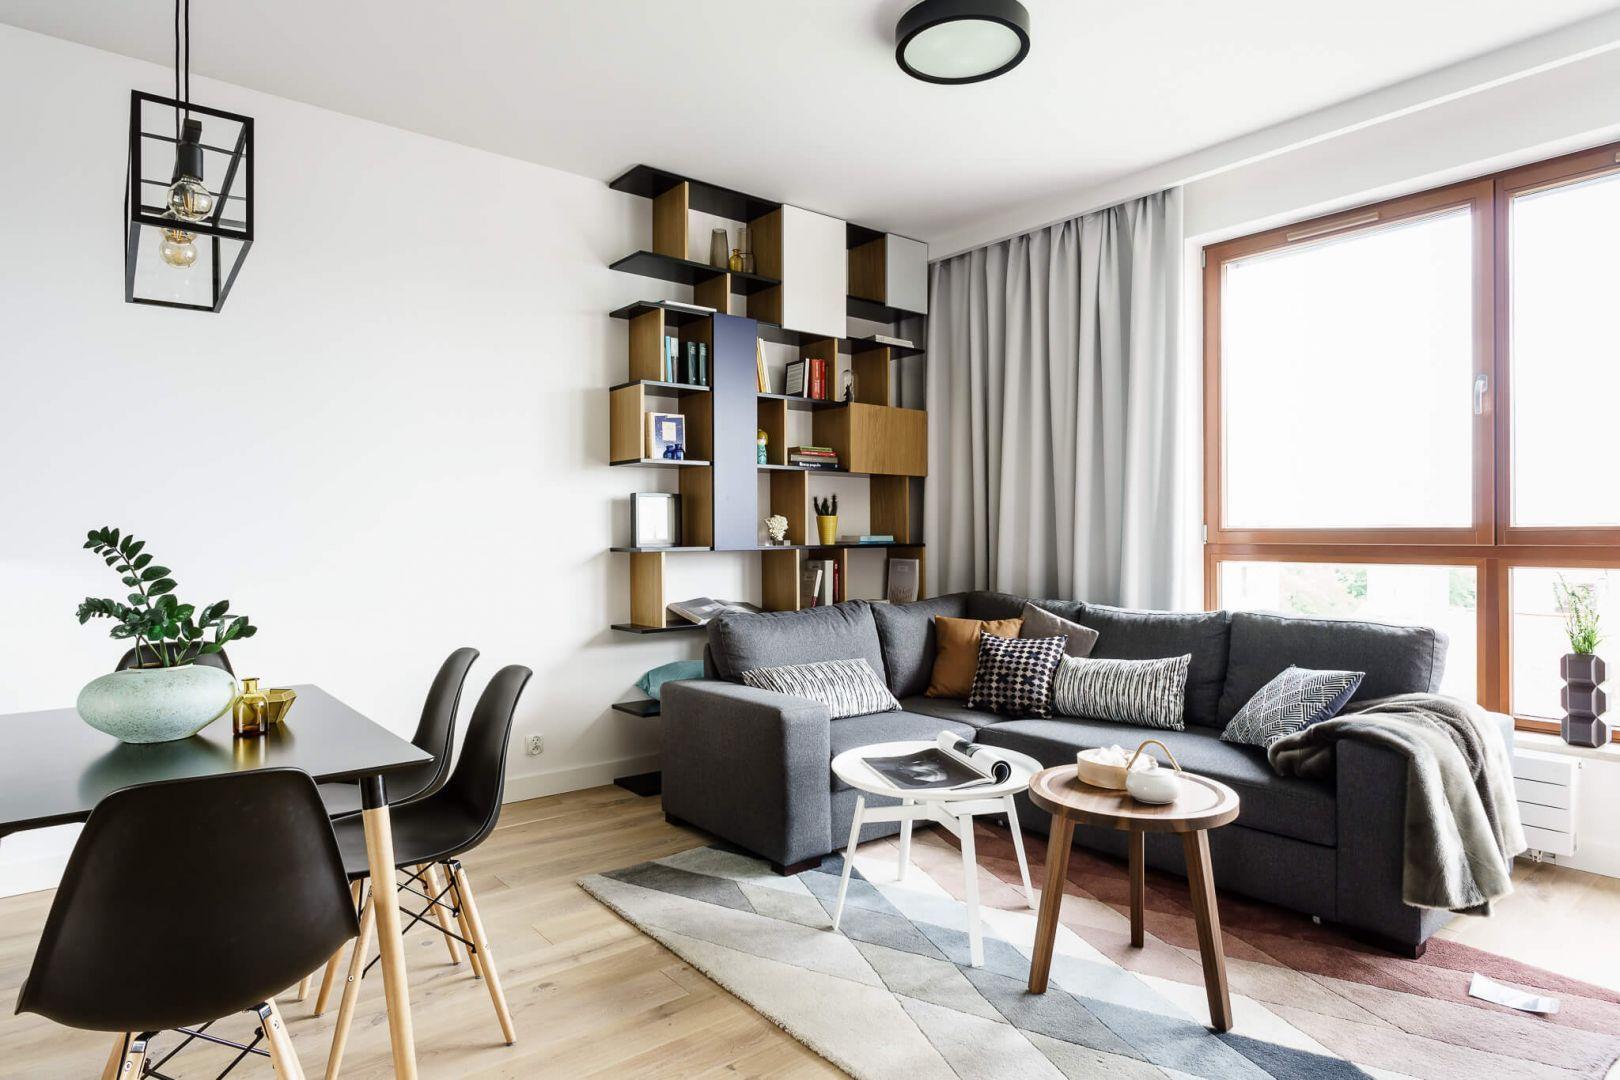 Aranżacja małego salonu. Na podłodze wzór prostej drewnianej deski. Na ścianie jasna farba i ciekawe półki. Projekt: Magdalena Bielicka, Maria Zrzelska-Pawlak, pracownia Magma. Fot. Fotomohito